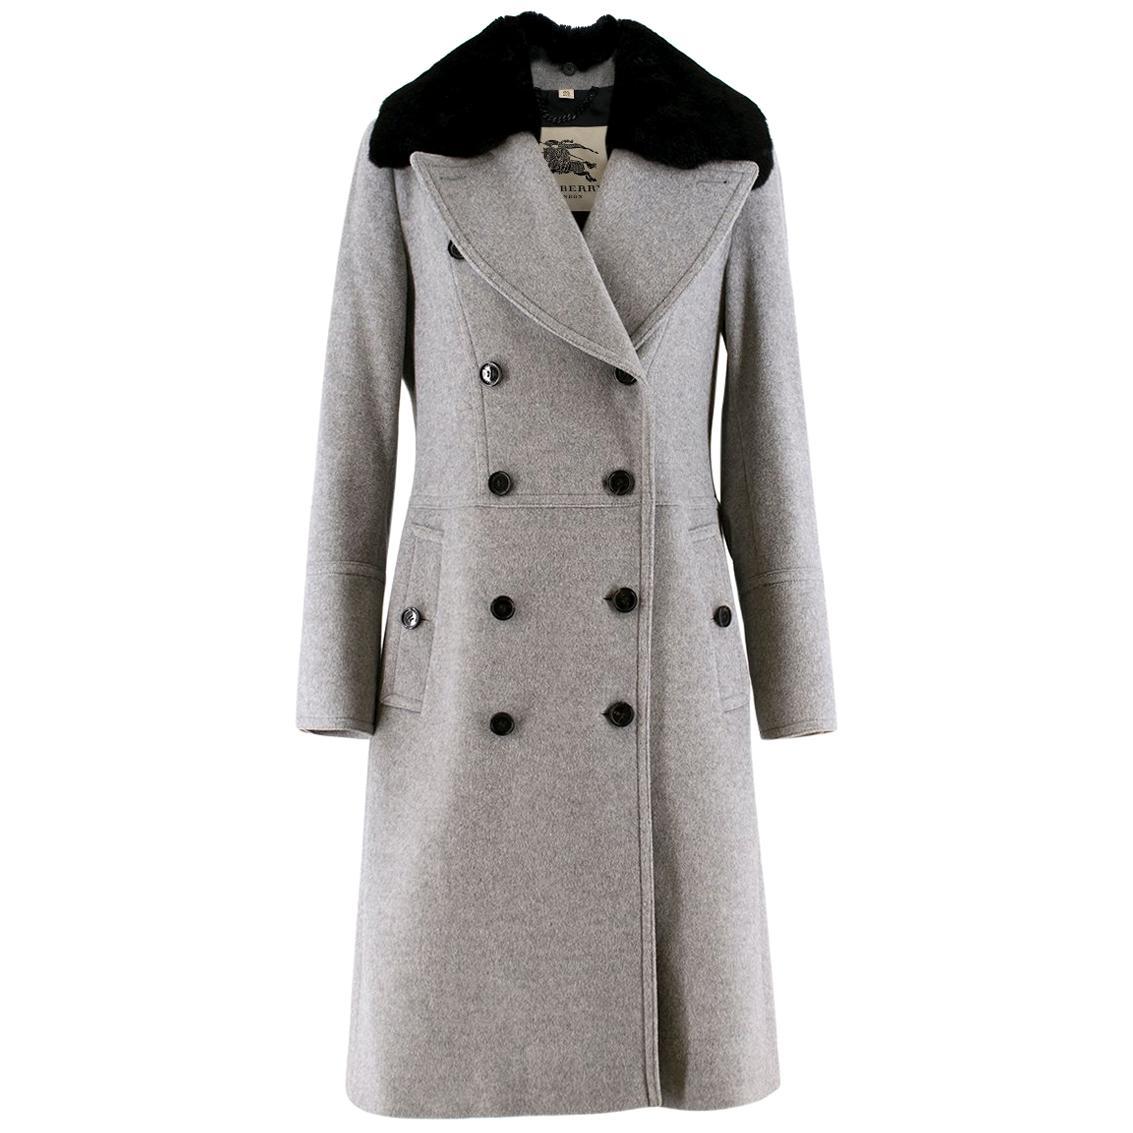 b6a7ce1caf6a Vintage Fur Coats - 908 For Sale on 1stdibs